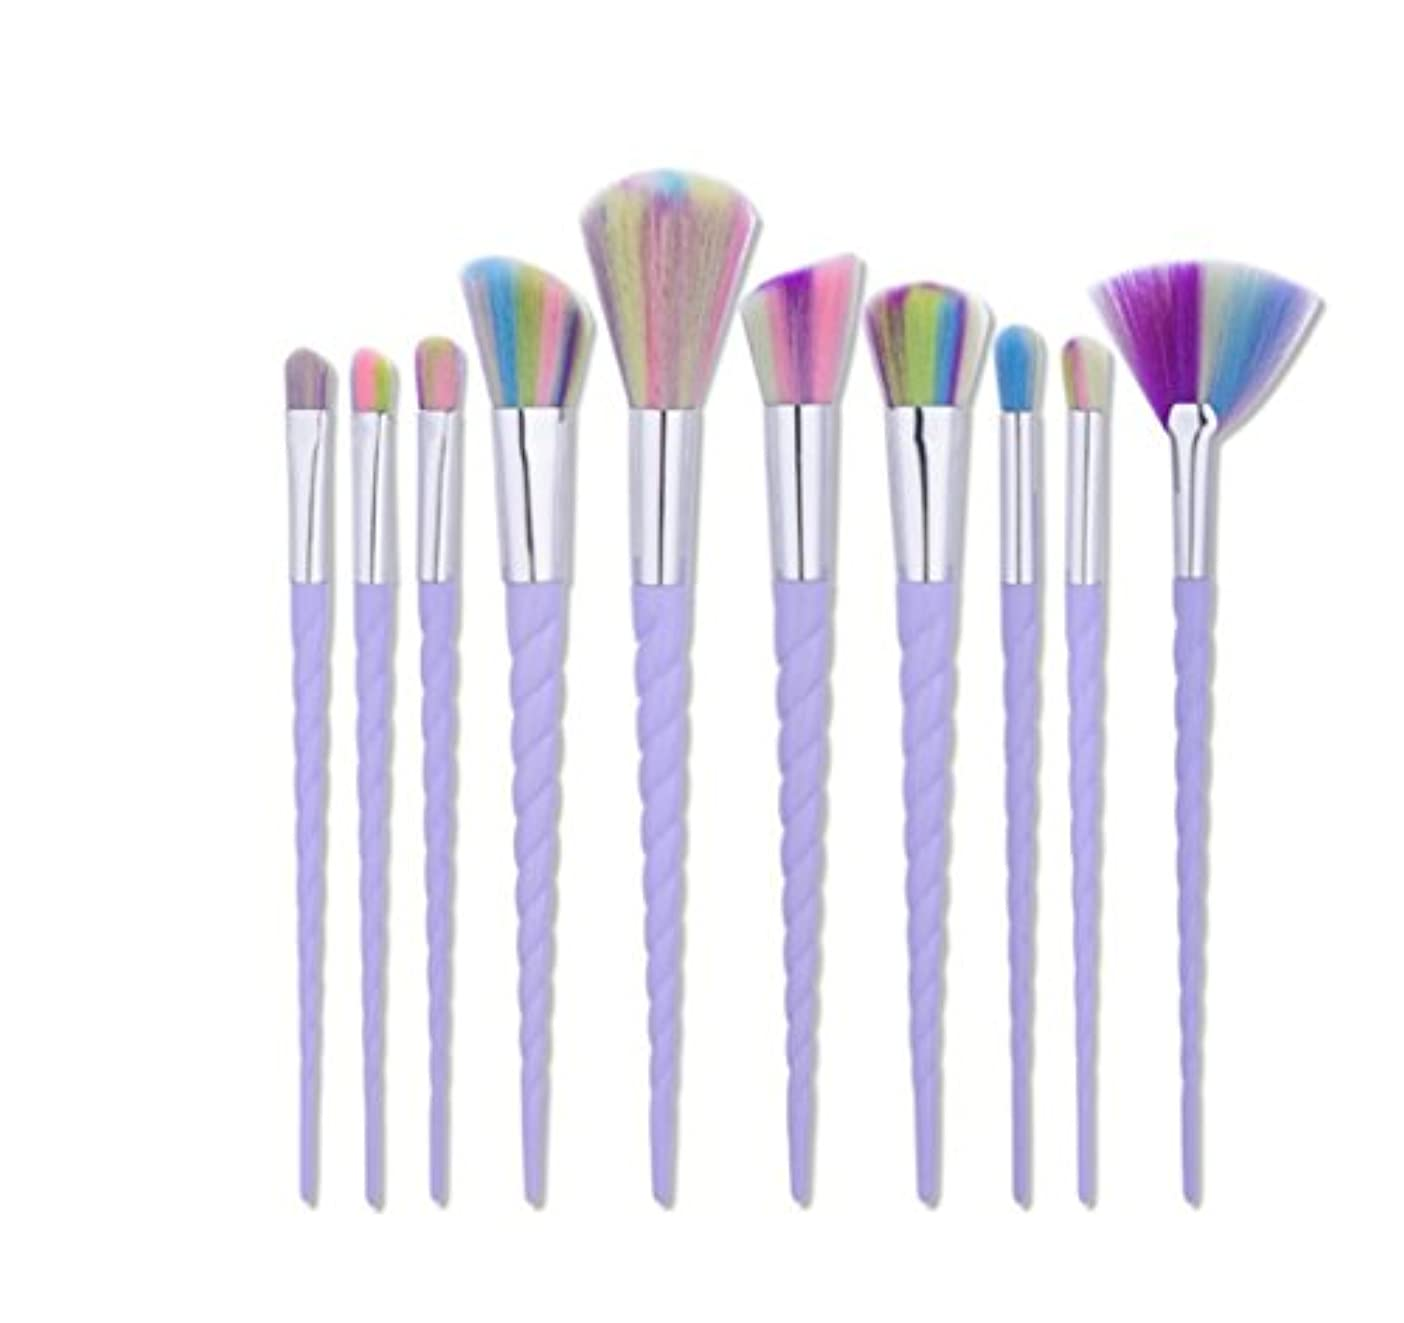 ありふれた母ロッドDilla Beauty 10本セットユニコーンデザインプラスチックハンドル形状メイクブラシセット合成毛ファンデーションブラシアイシャドーブラッシャー美容ツール (ホワイト-4)